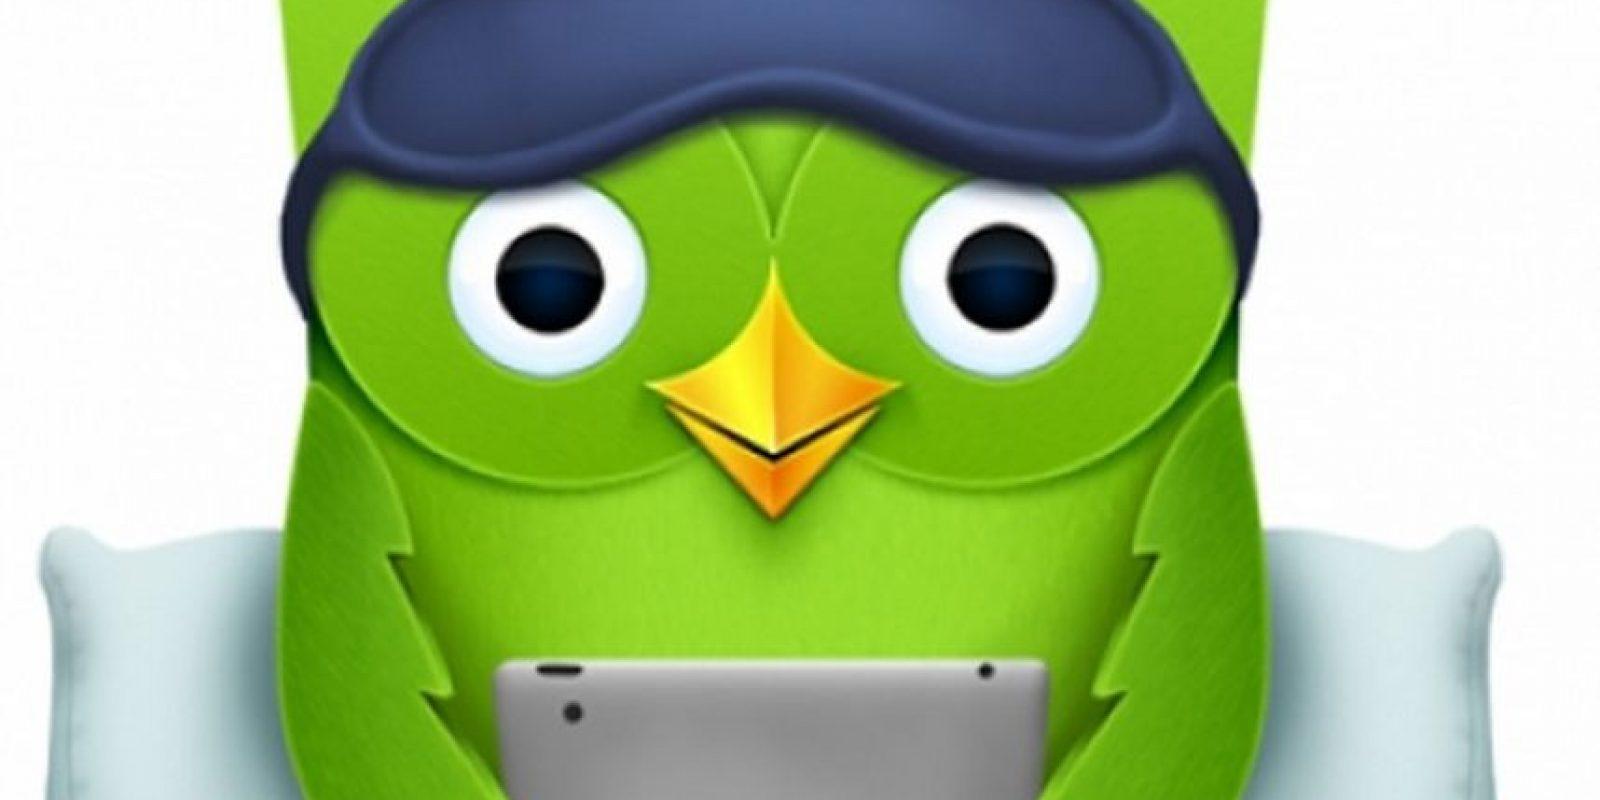 Si se quedan sin conexión, pueden avanzar cinco lecciones más. Foto:Duolingo